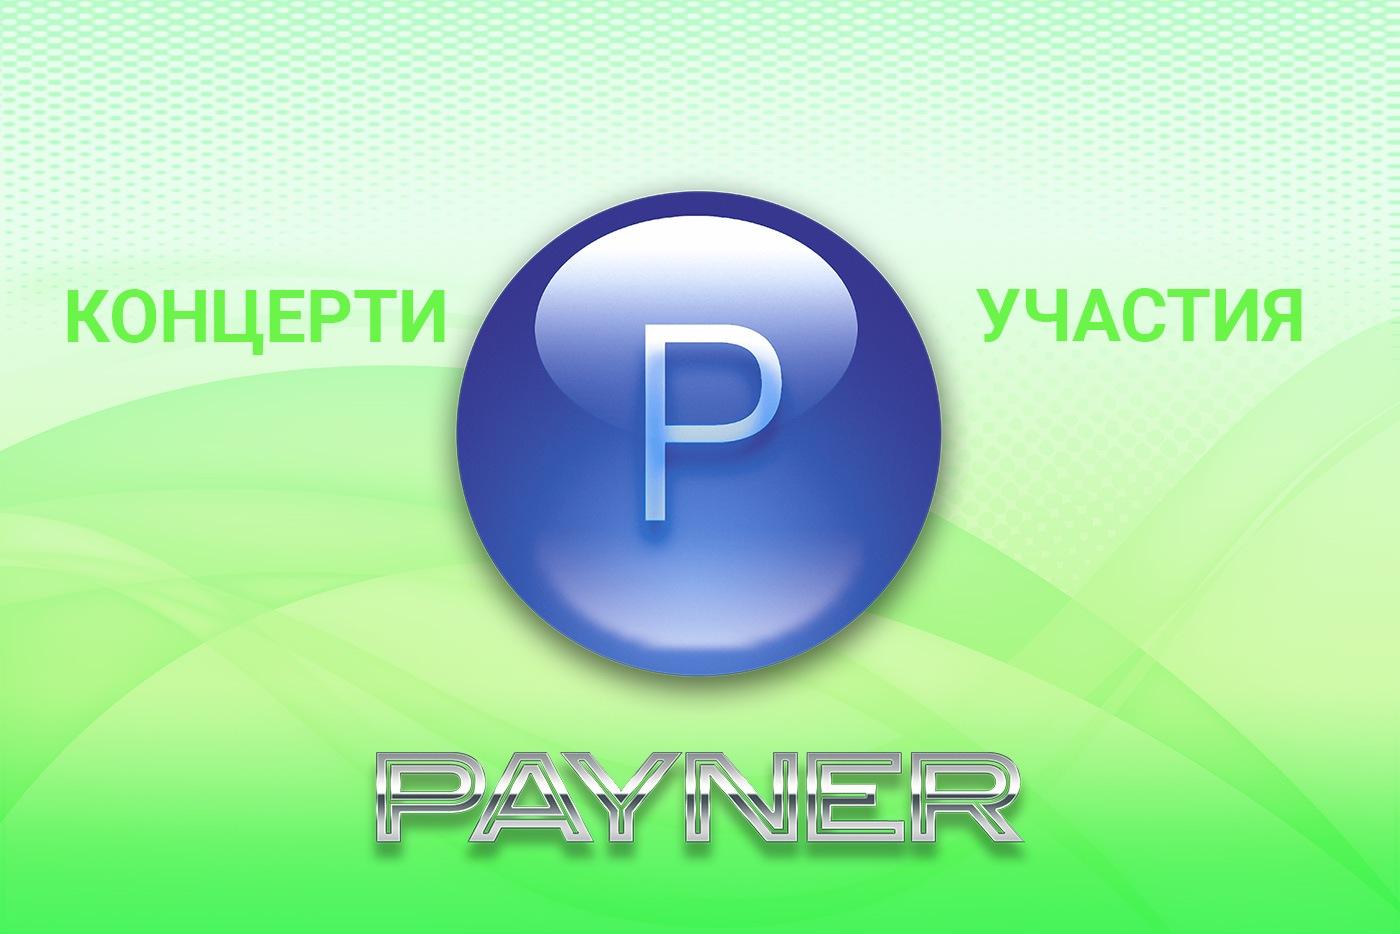 """Участия на звездите на """"Пайнер"""" на 11.10.2018"""